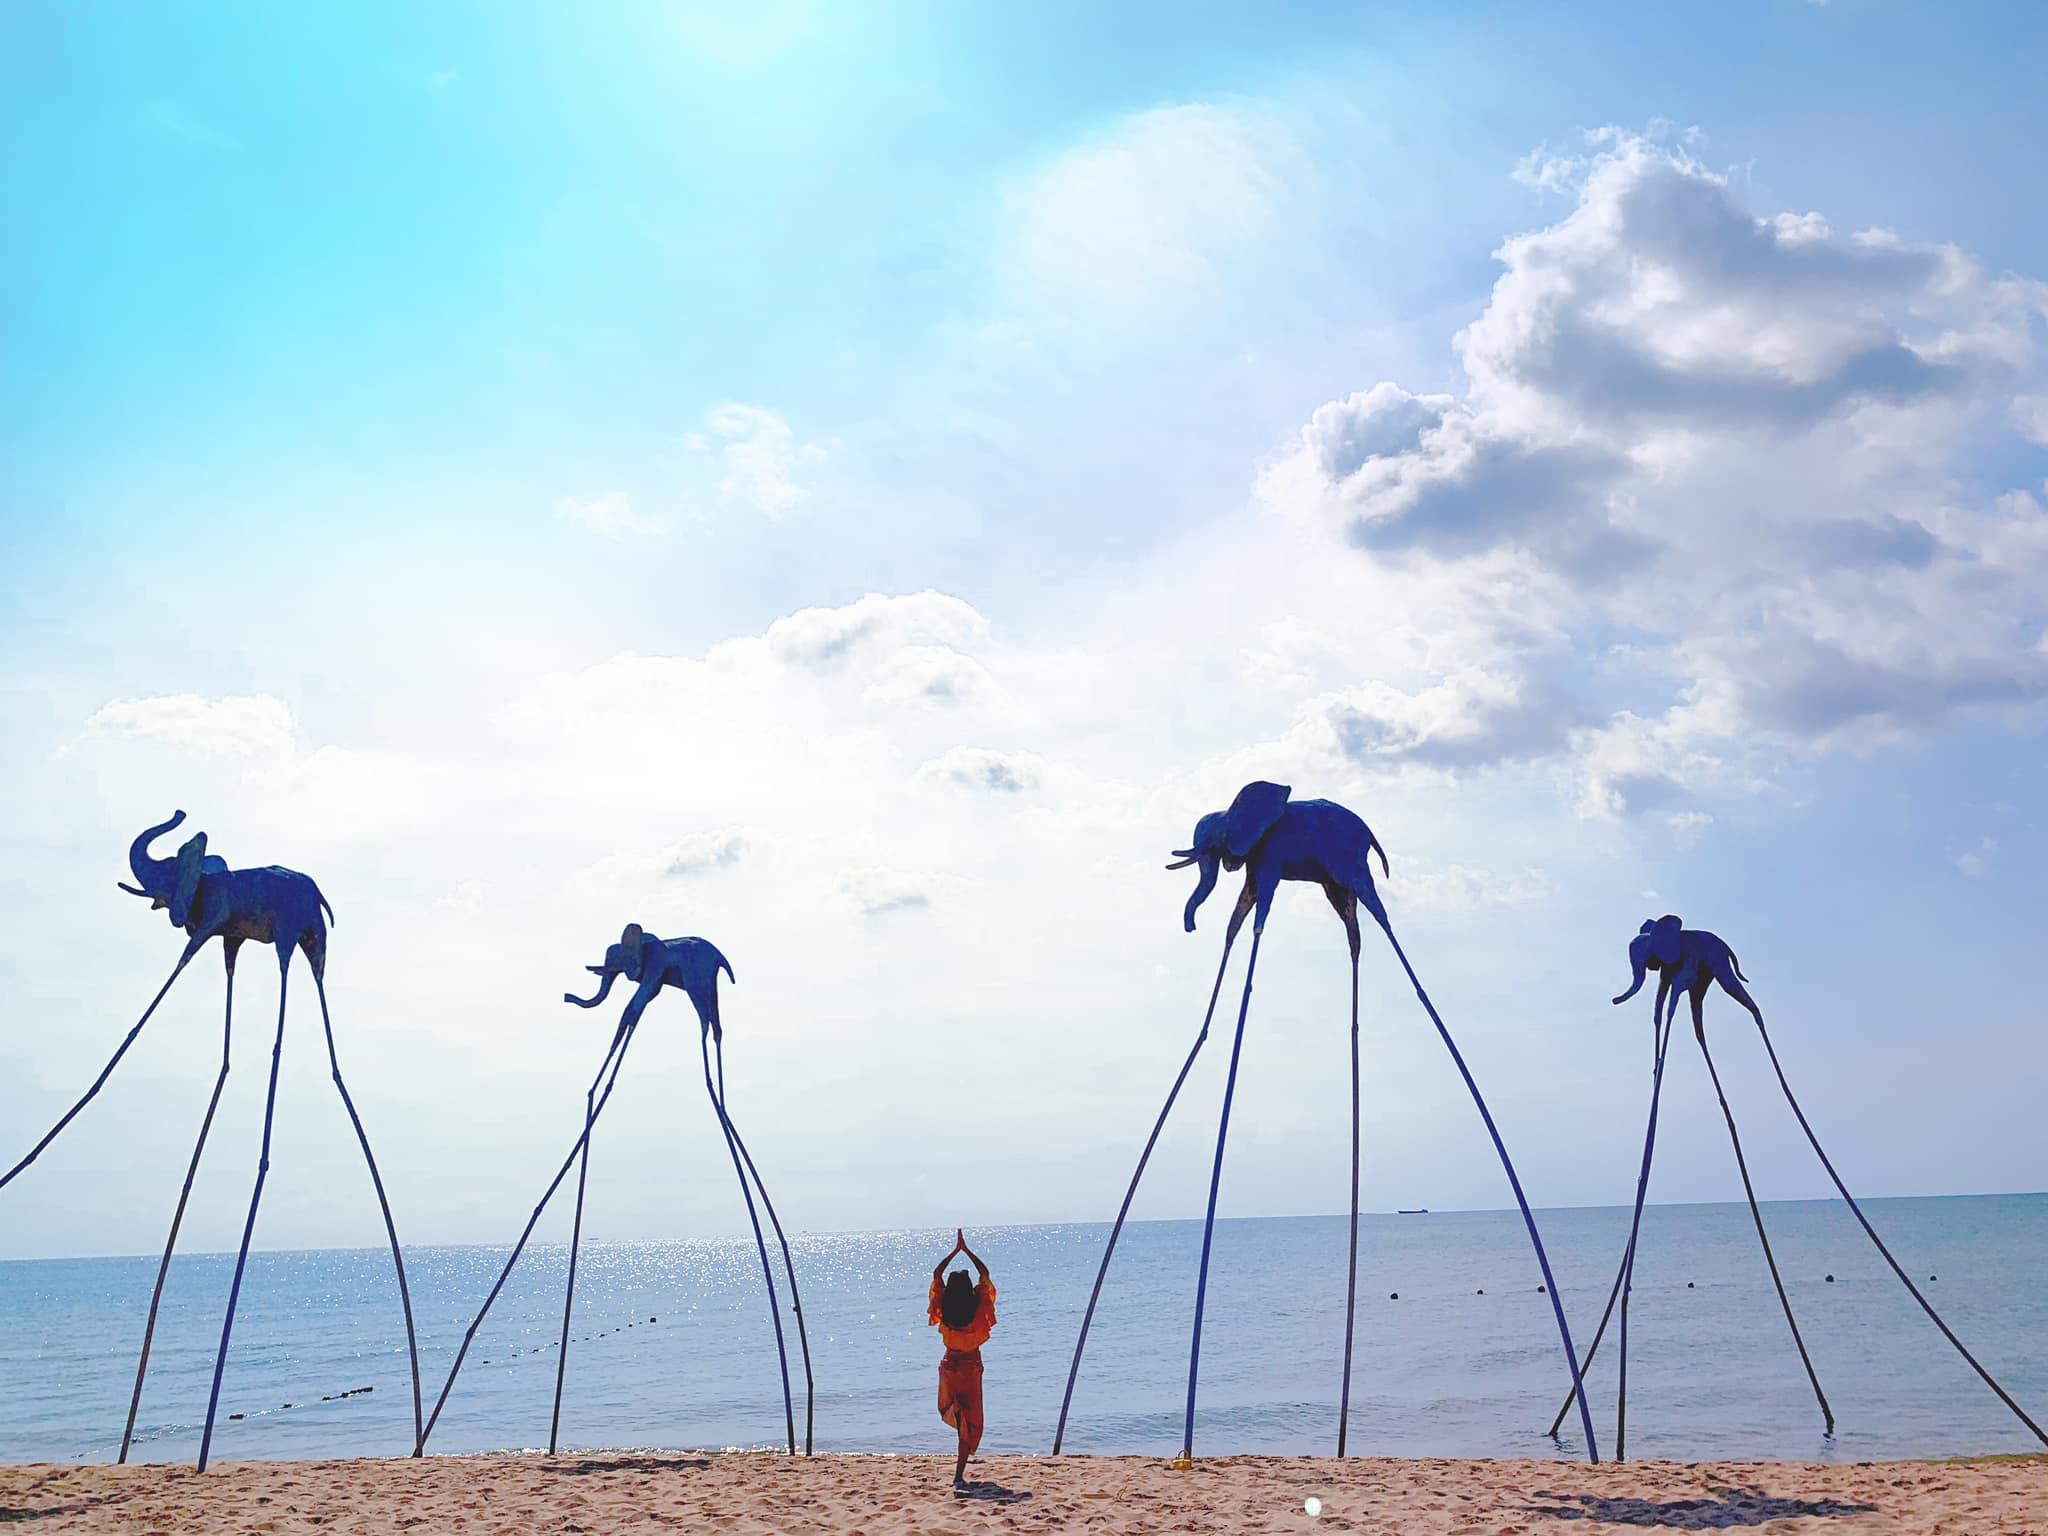 Tour du lịch Phú Quốc khởi hành từ Rạch Giá: Vô vàn ưu đãi trong dịp hè này  - Ảnh 28.